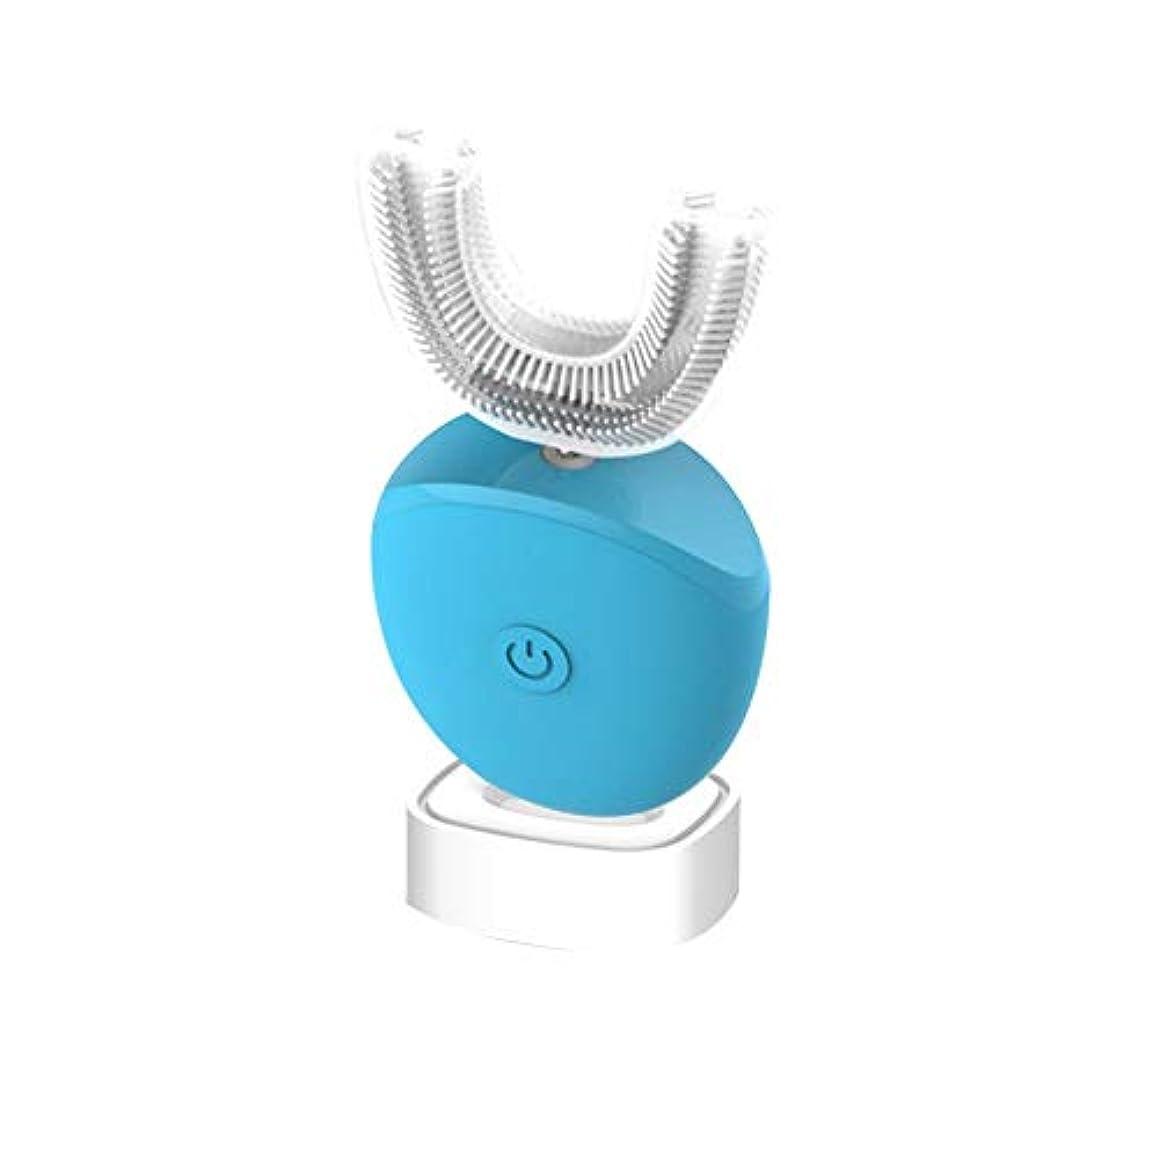 文言中国分子フルオートマチック可変周波数電動歯ブラシ、自動360度U字型電動歯ブラシ、ワイヤレス充電IPX7防水自動歯ブラシ(大人用),Blue